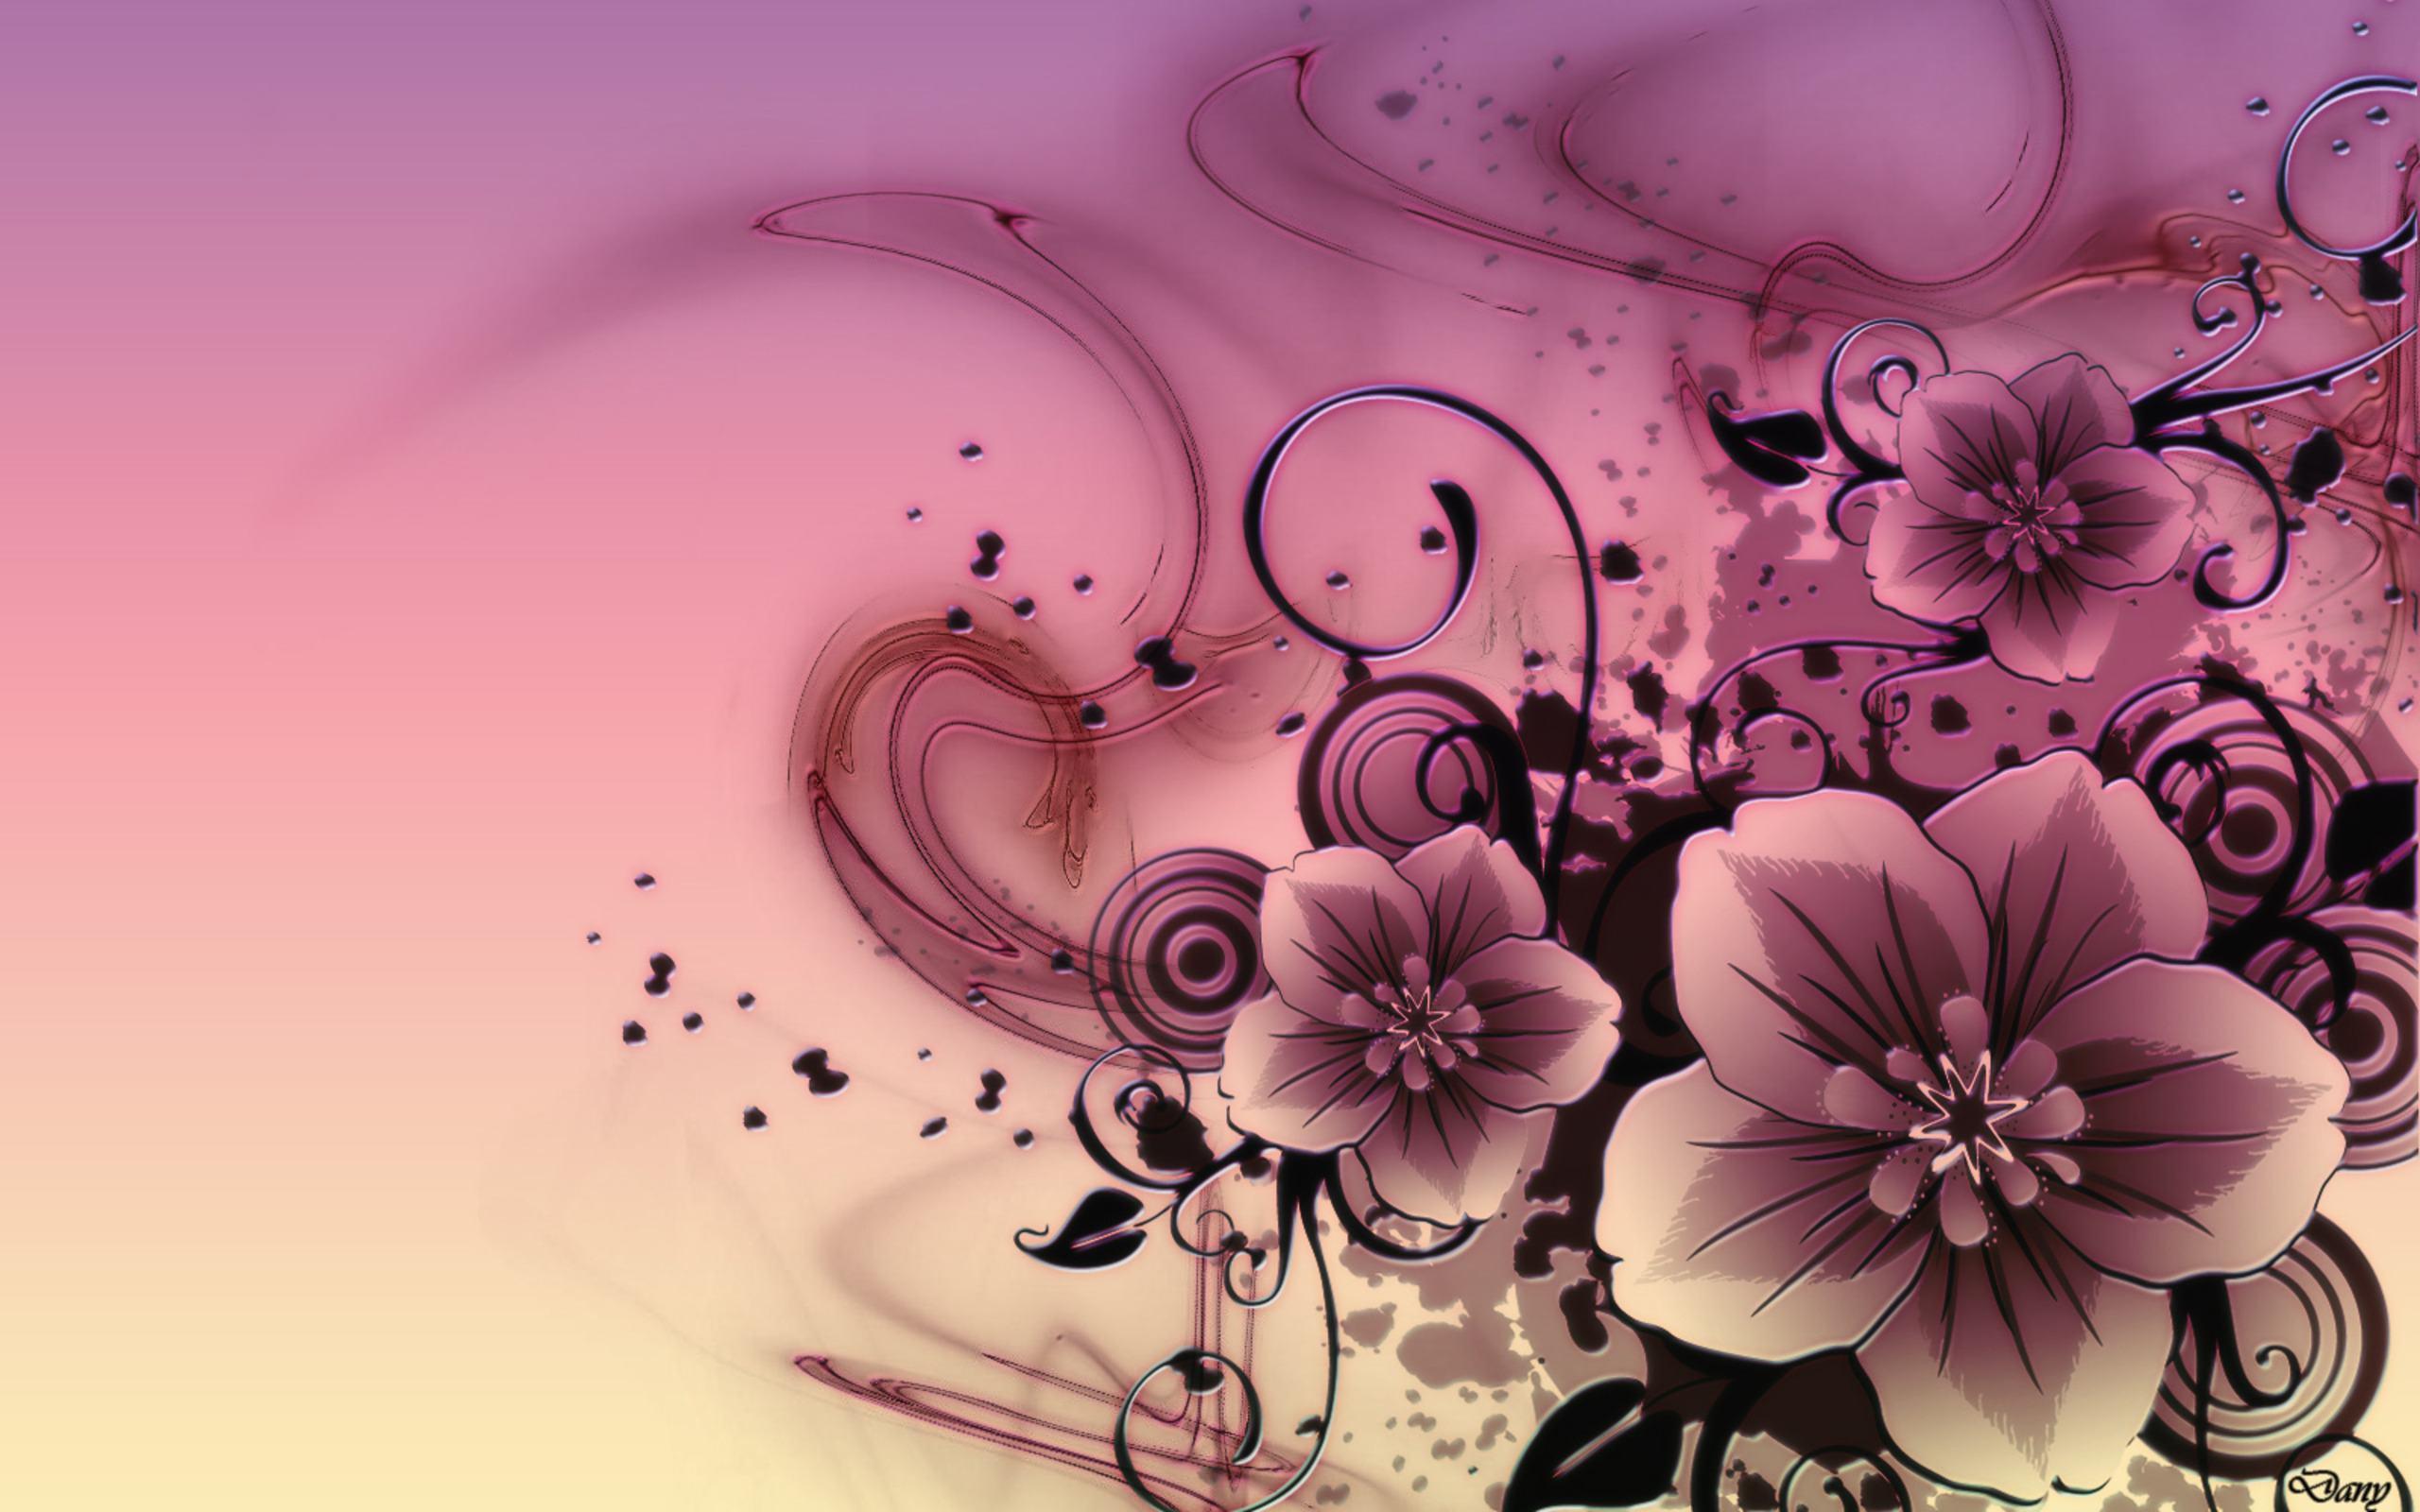 Full Screen Desktop Wallpapers Top Free Full Screen Desktop Backgrounds Wallpaperaccess